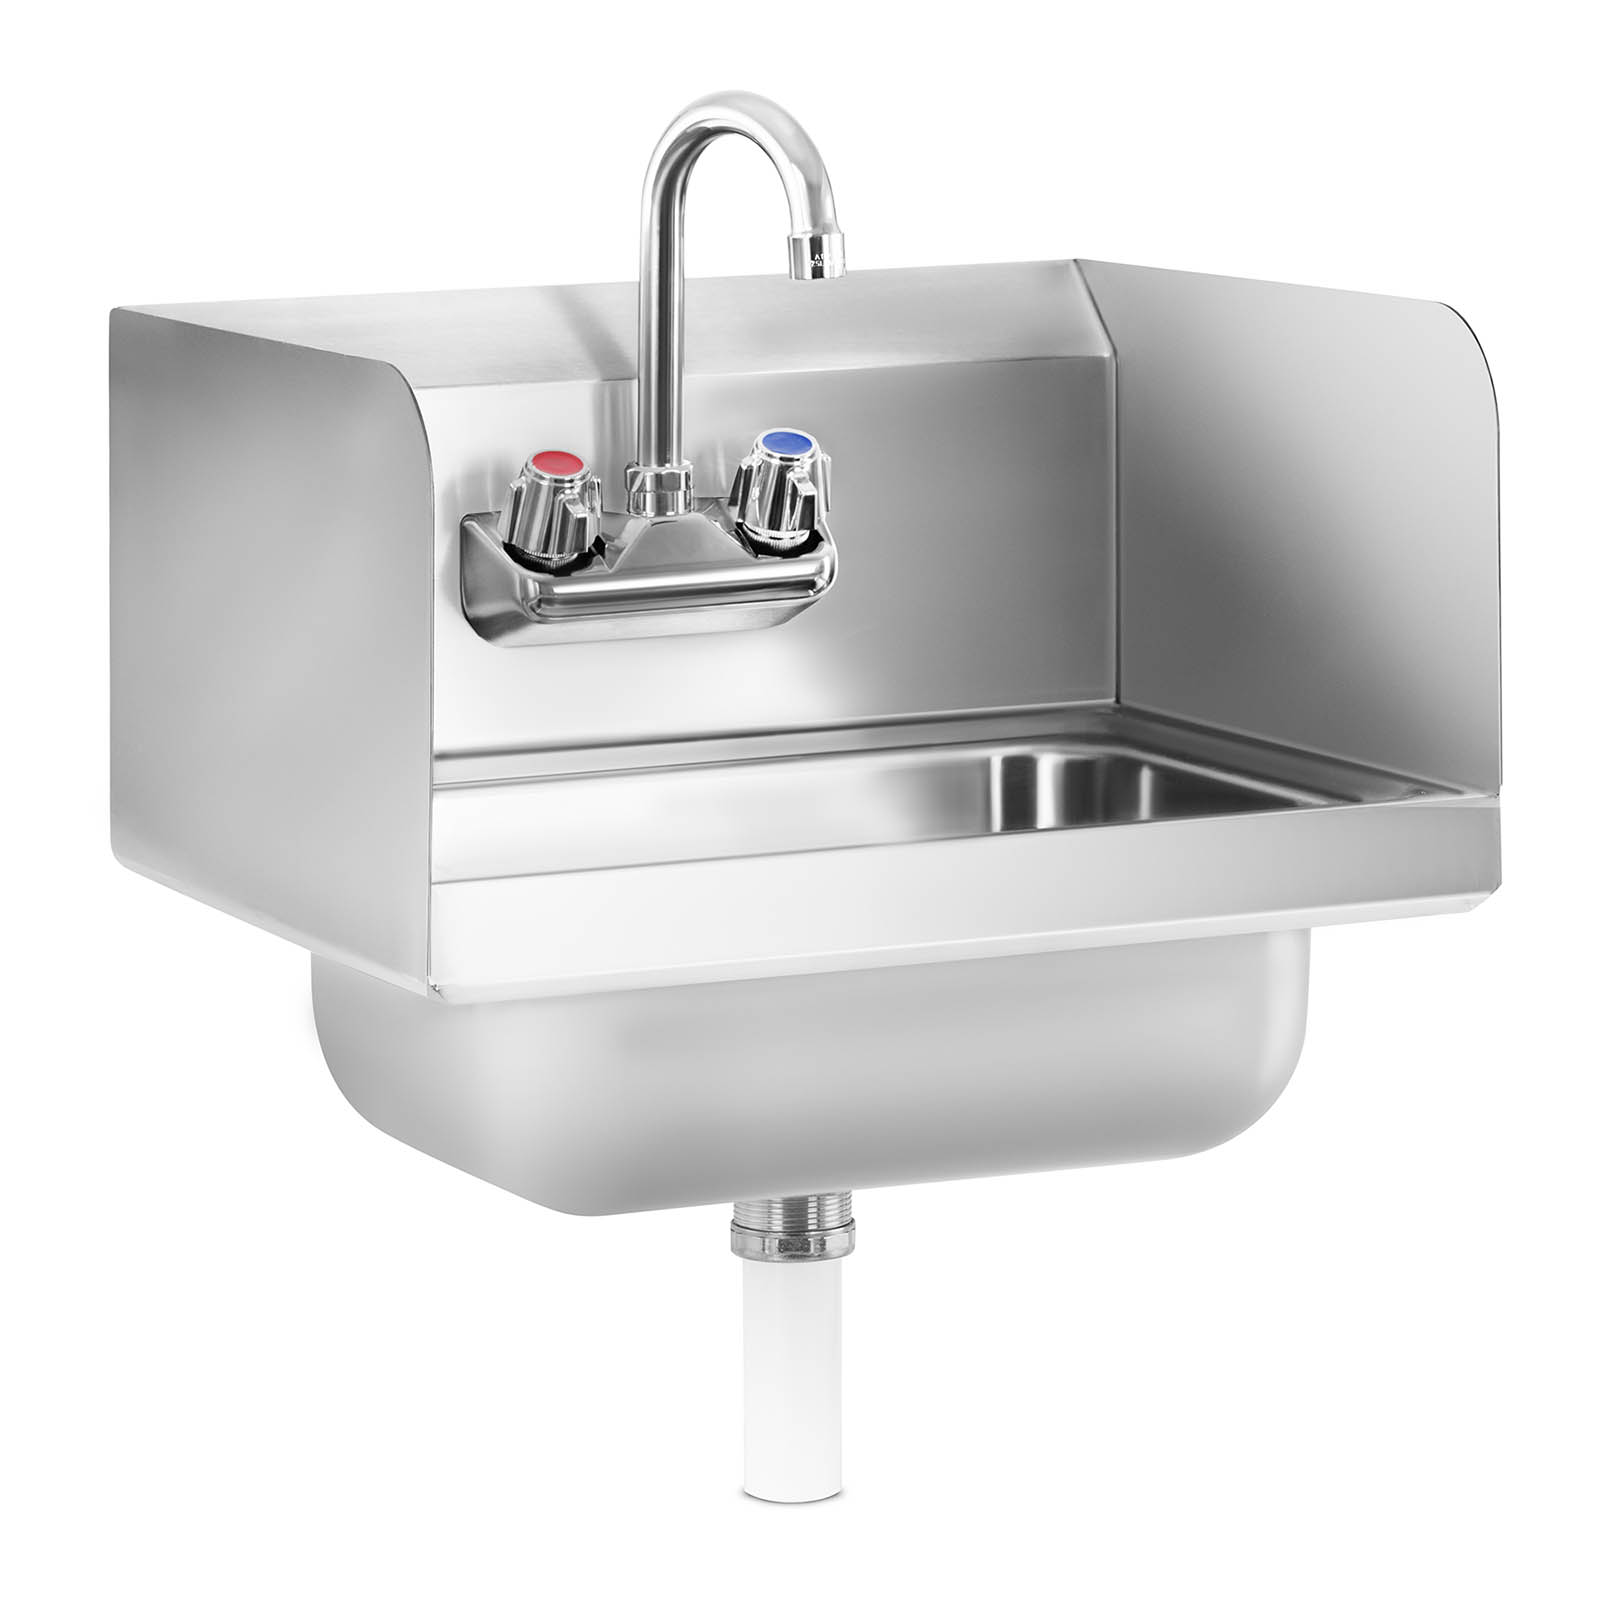 knie kontakt handwaschbecken sp lbecken waschbecken edelstahl seifenspender neu ebay. Black Bedroom Furniture Sets. Home Design Ideas